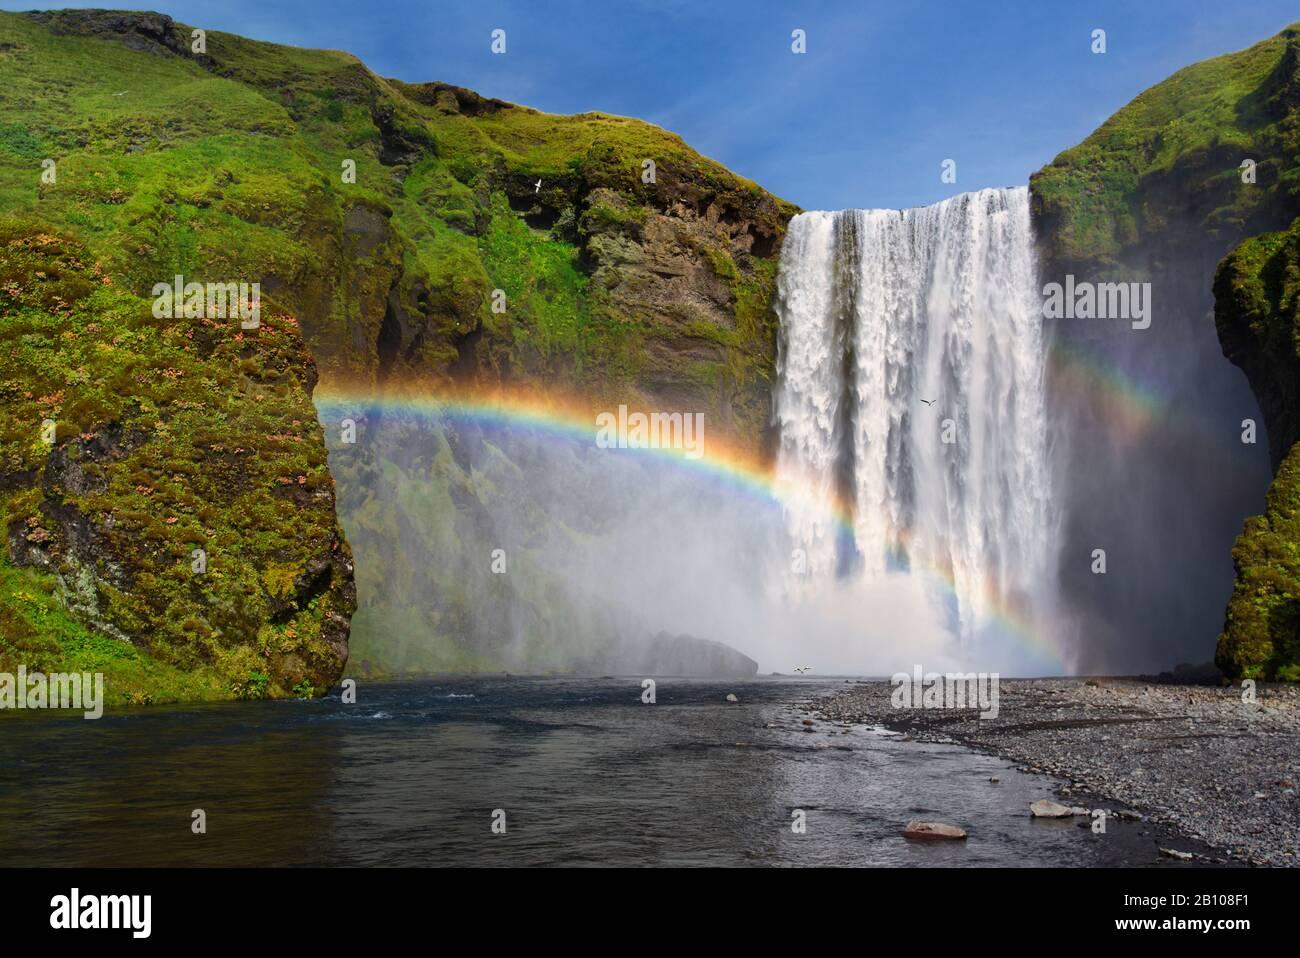 Chute d'eau de Skogafoss au soleil avec arc-en-ciel, Skogar, Islande Banque D'Images